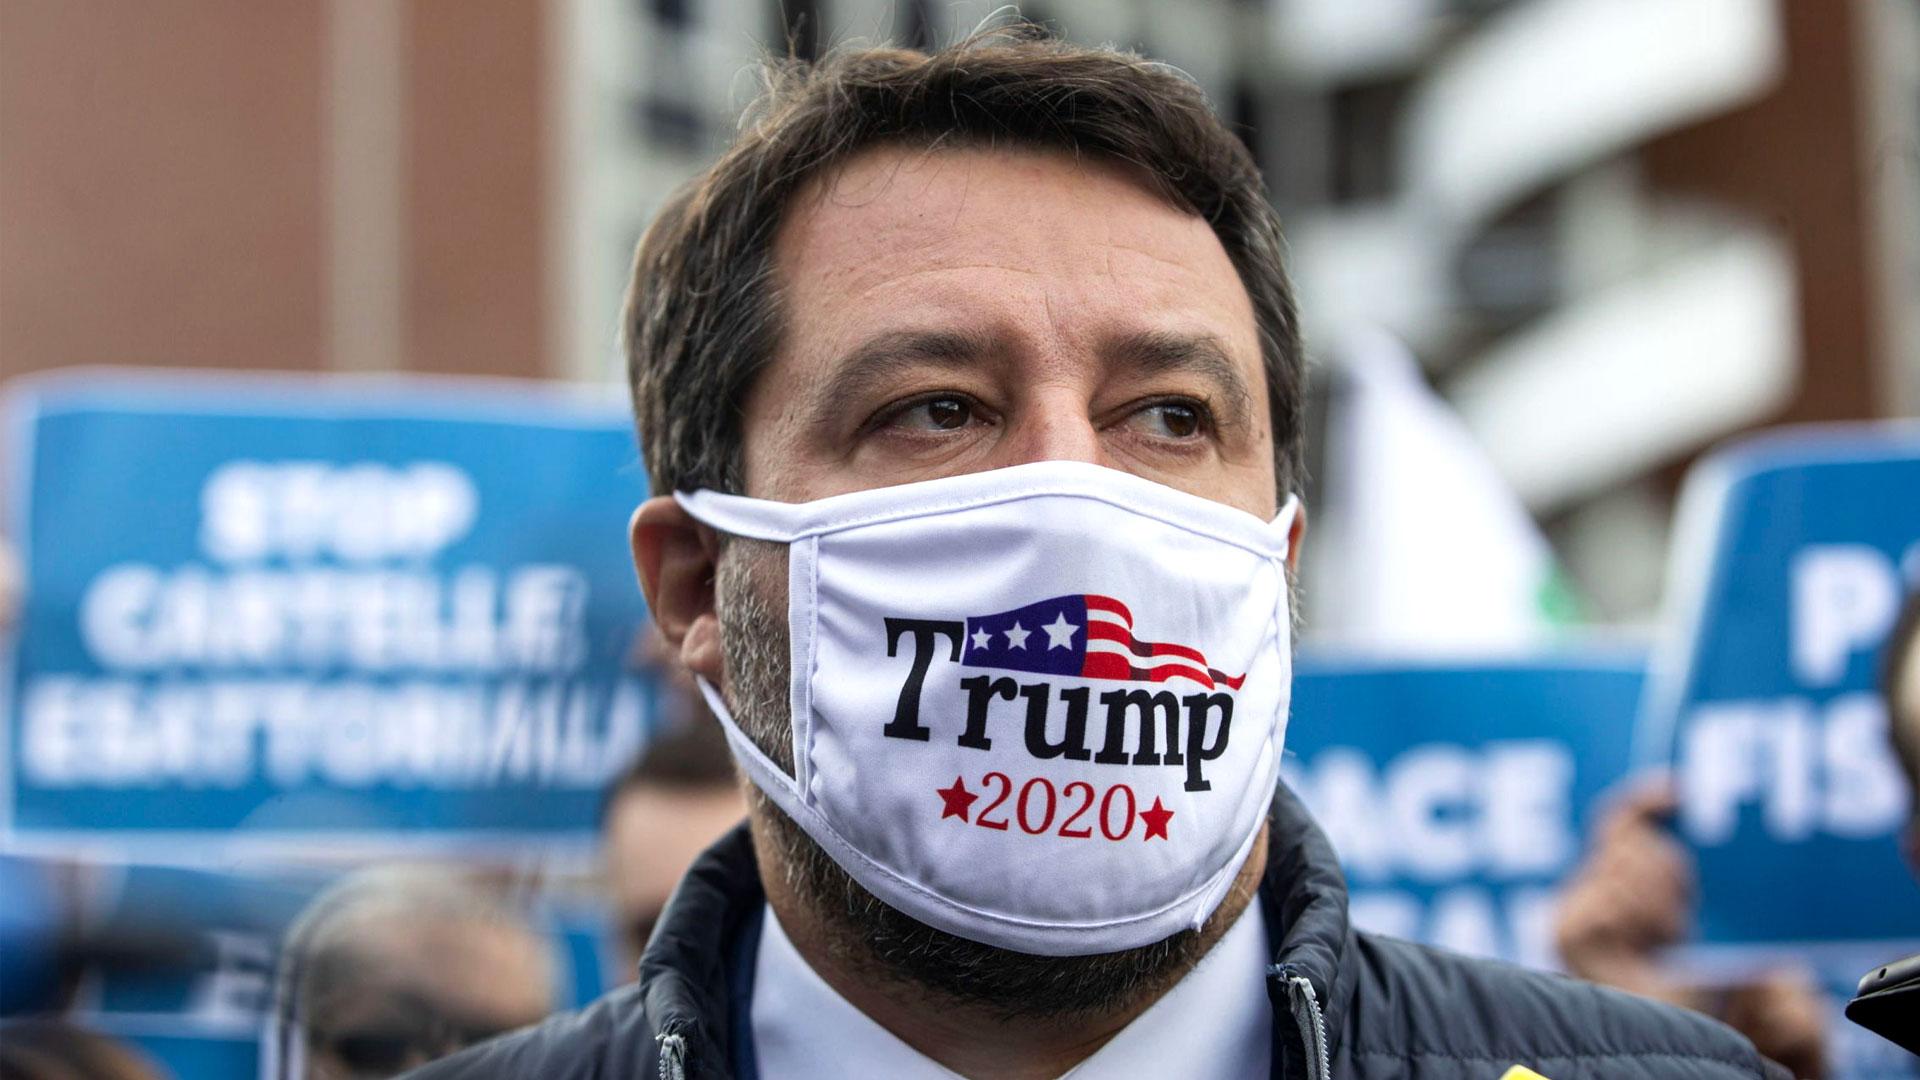 Salvini con una mascarilla en apoyo a la campaña de Trump 2020